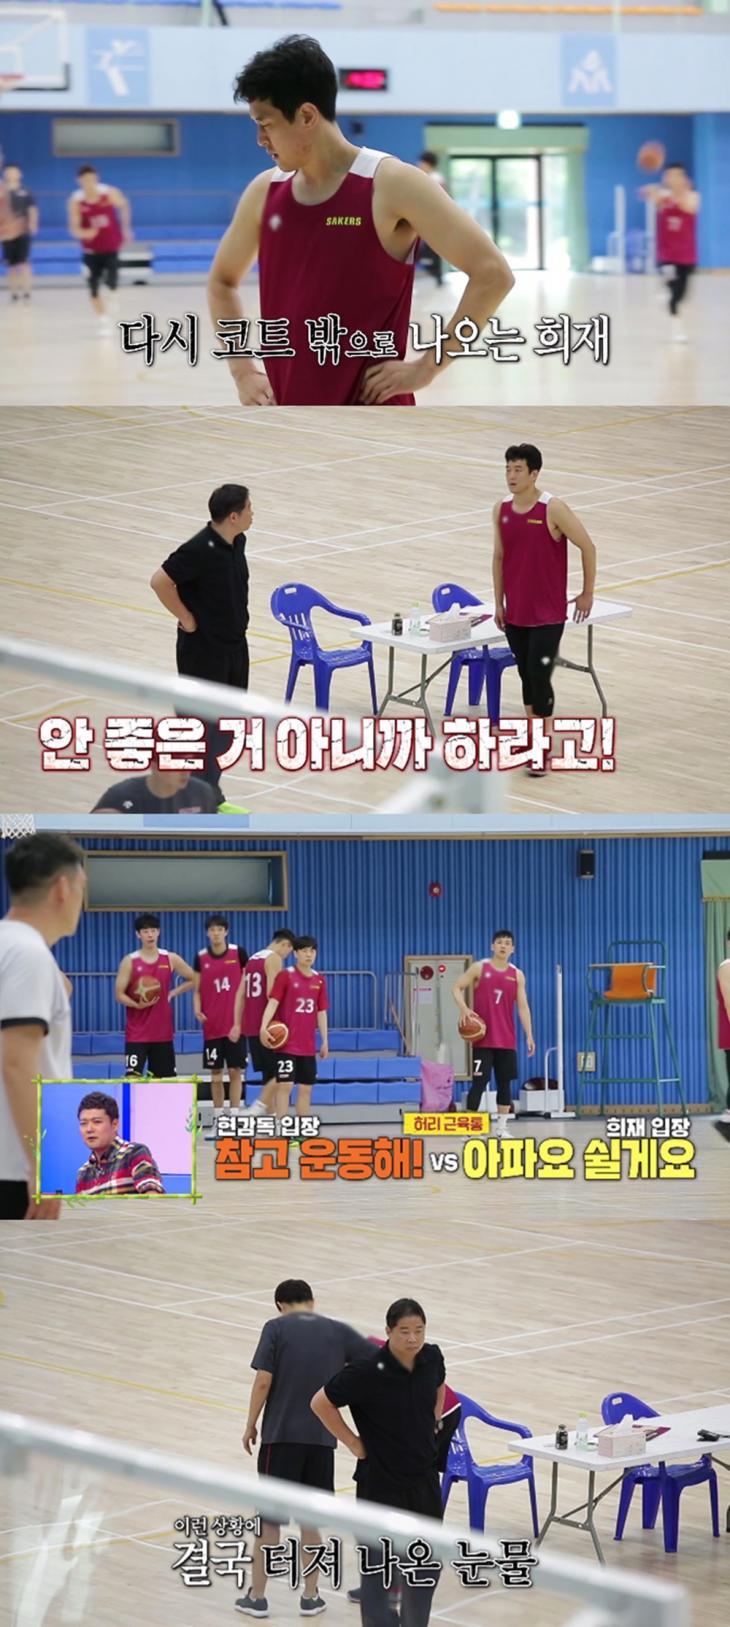 KBS 2TV '사장님 귀는 당나귀 귀' 방송 캡처